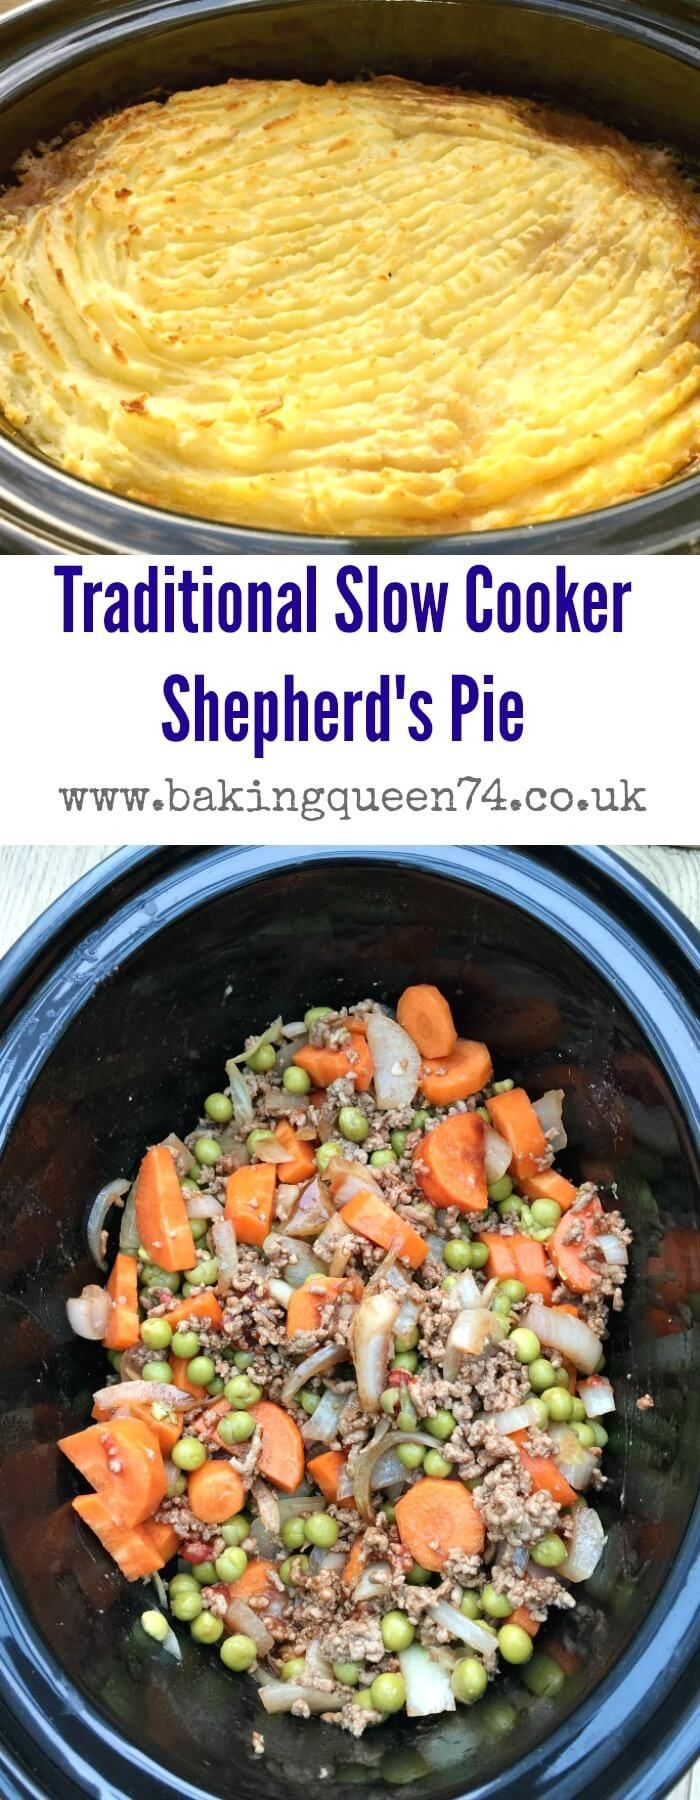 Slow cooker shepherd's pie recipe